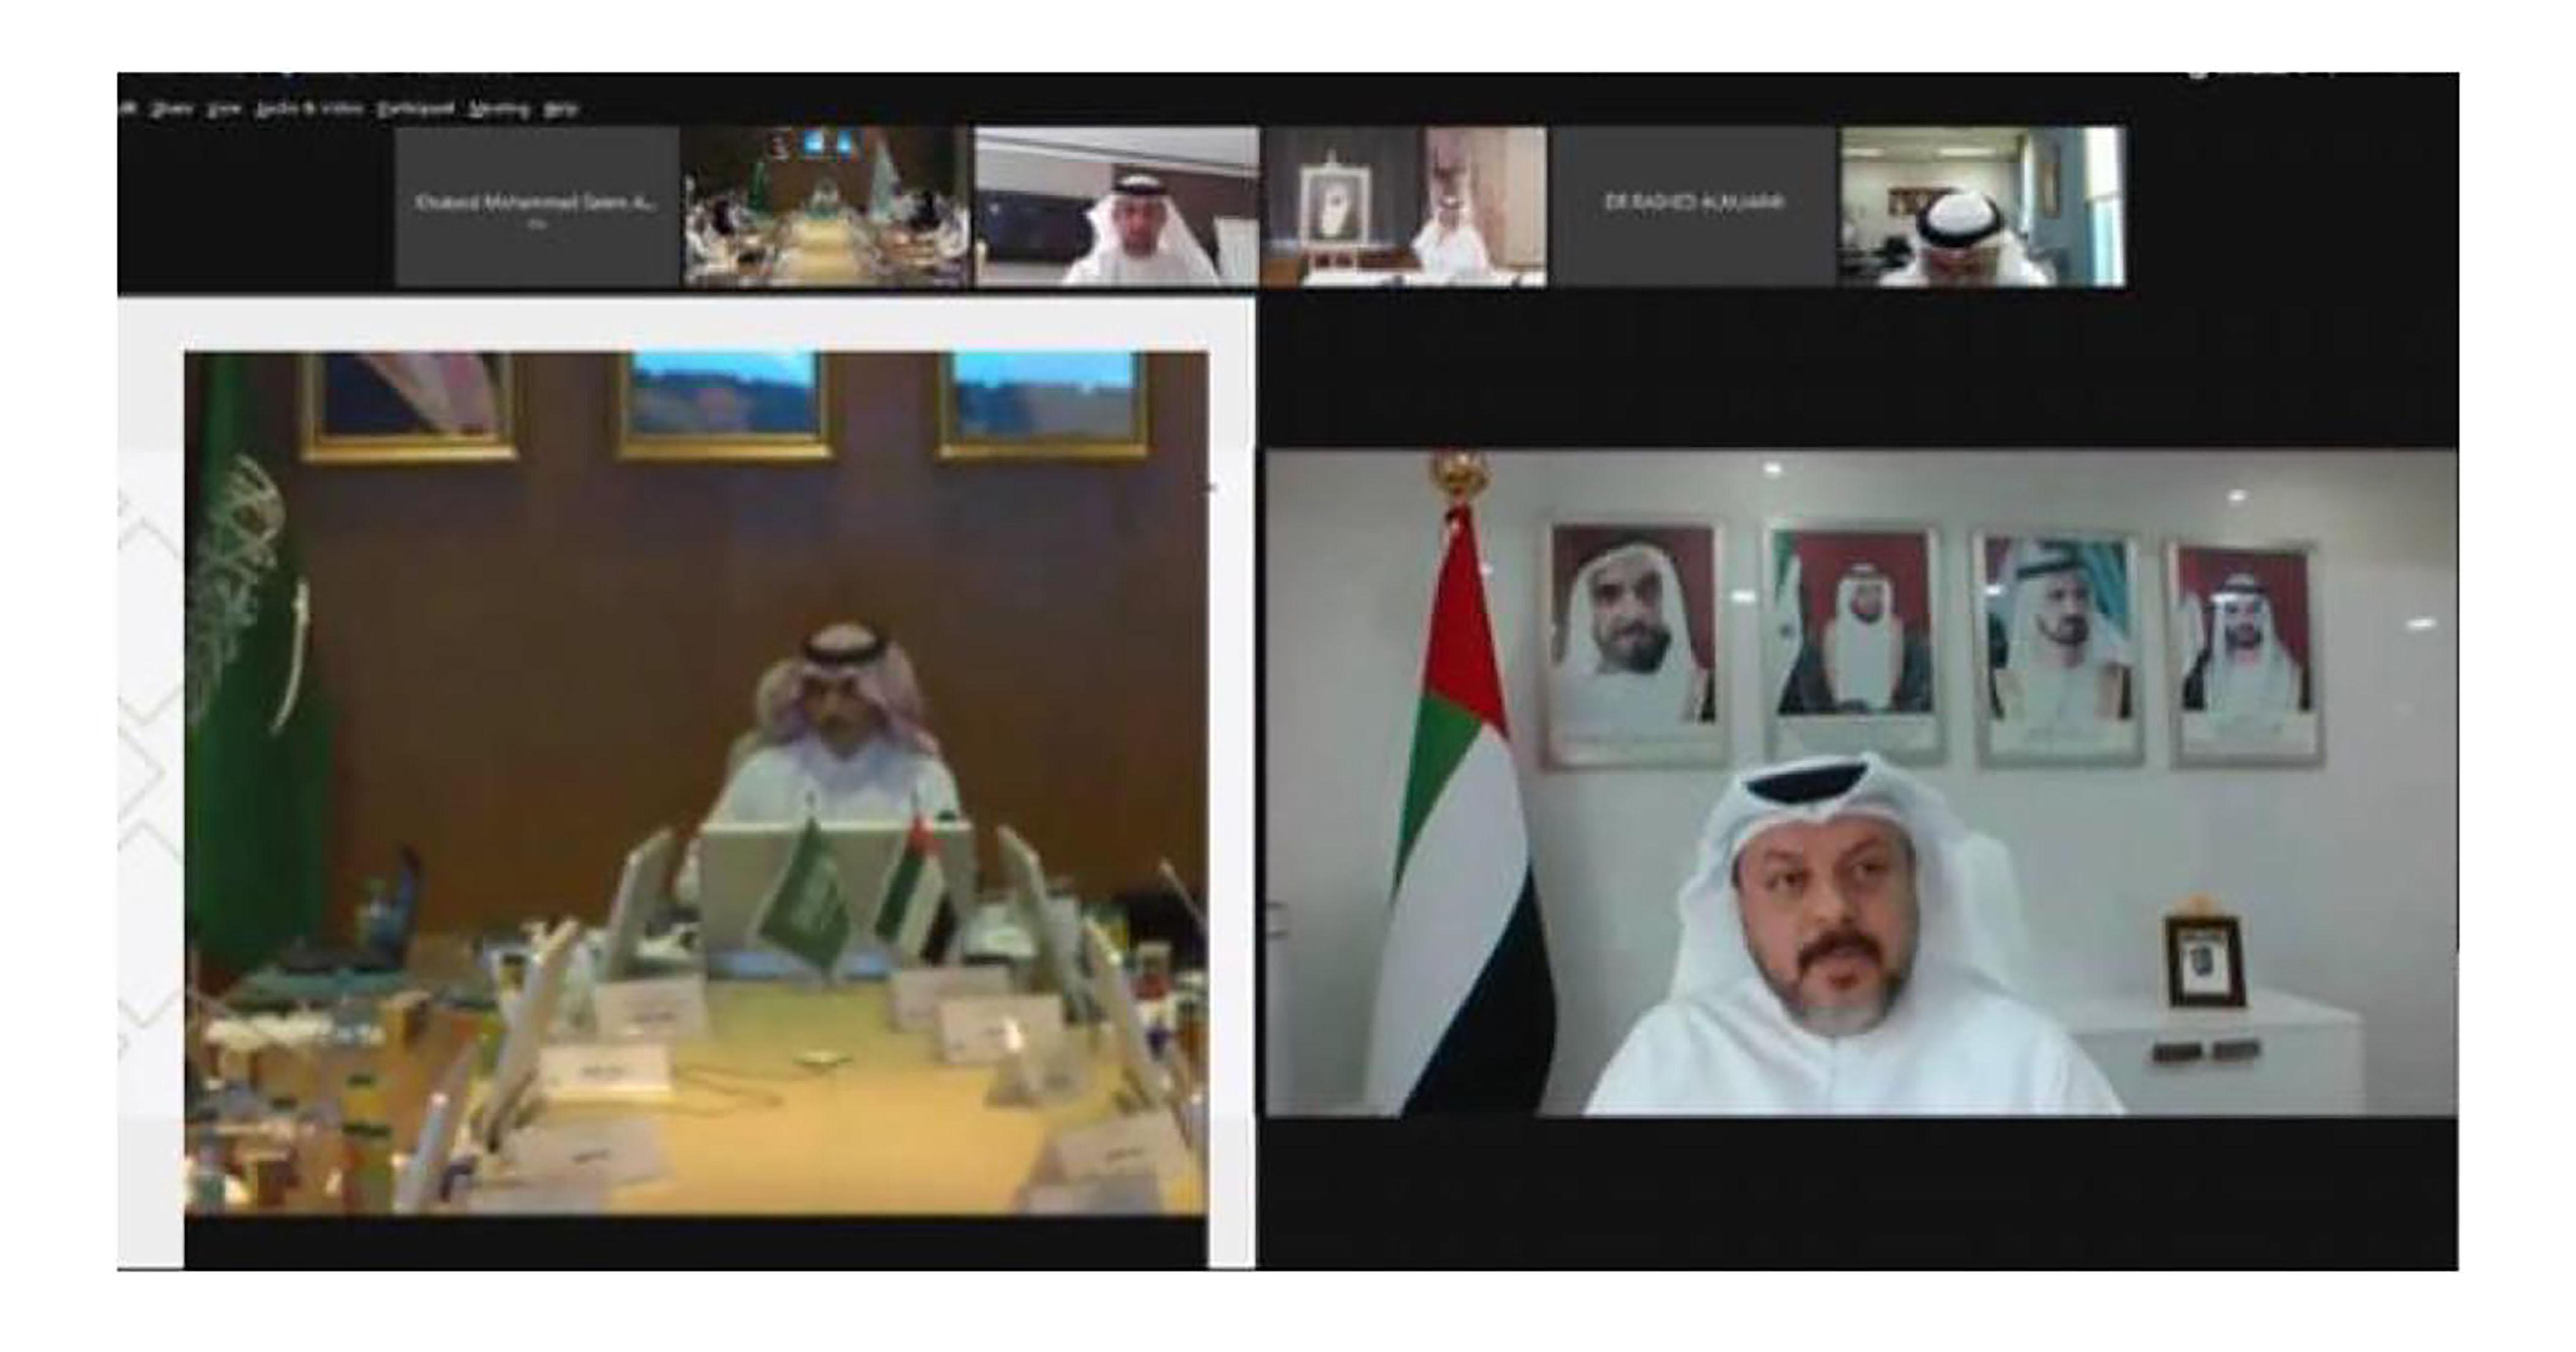 لجنة التنمية البشرية بالمجلس السعودي الأميري تستعرض إنجازاتها ومبادراتها الجديدة